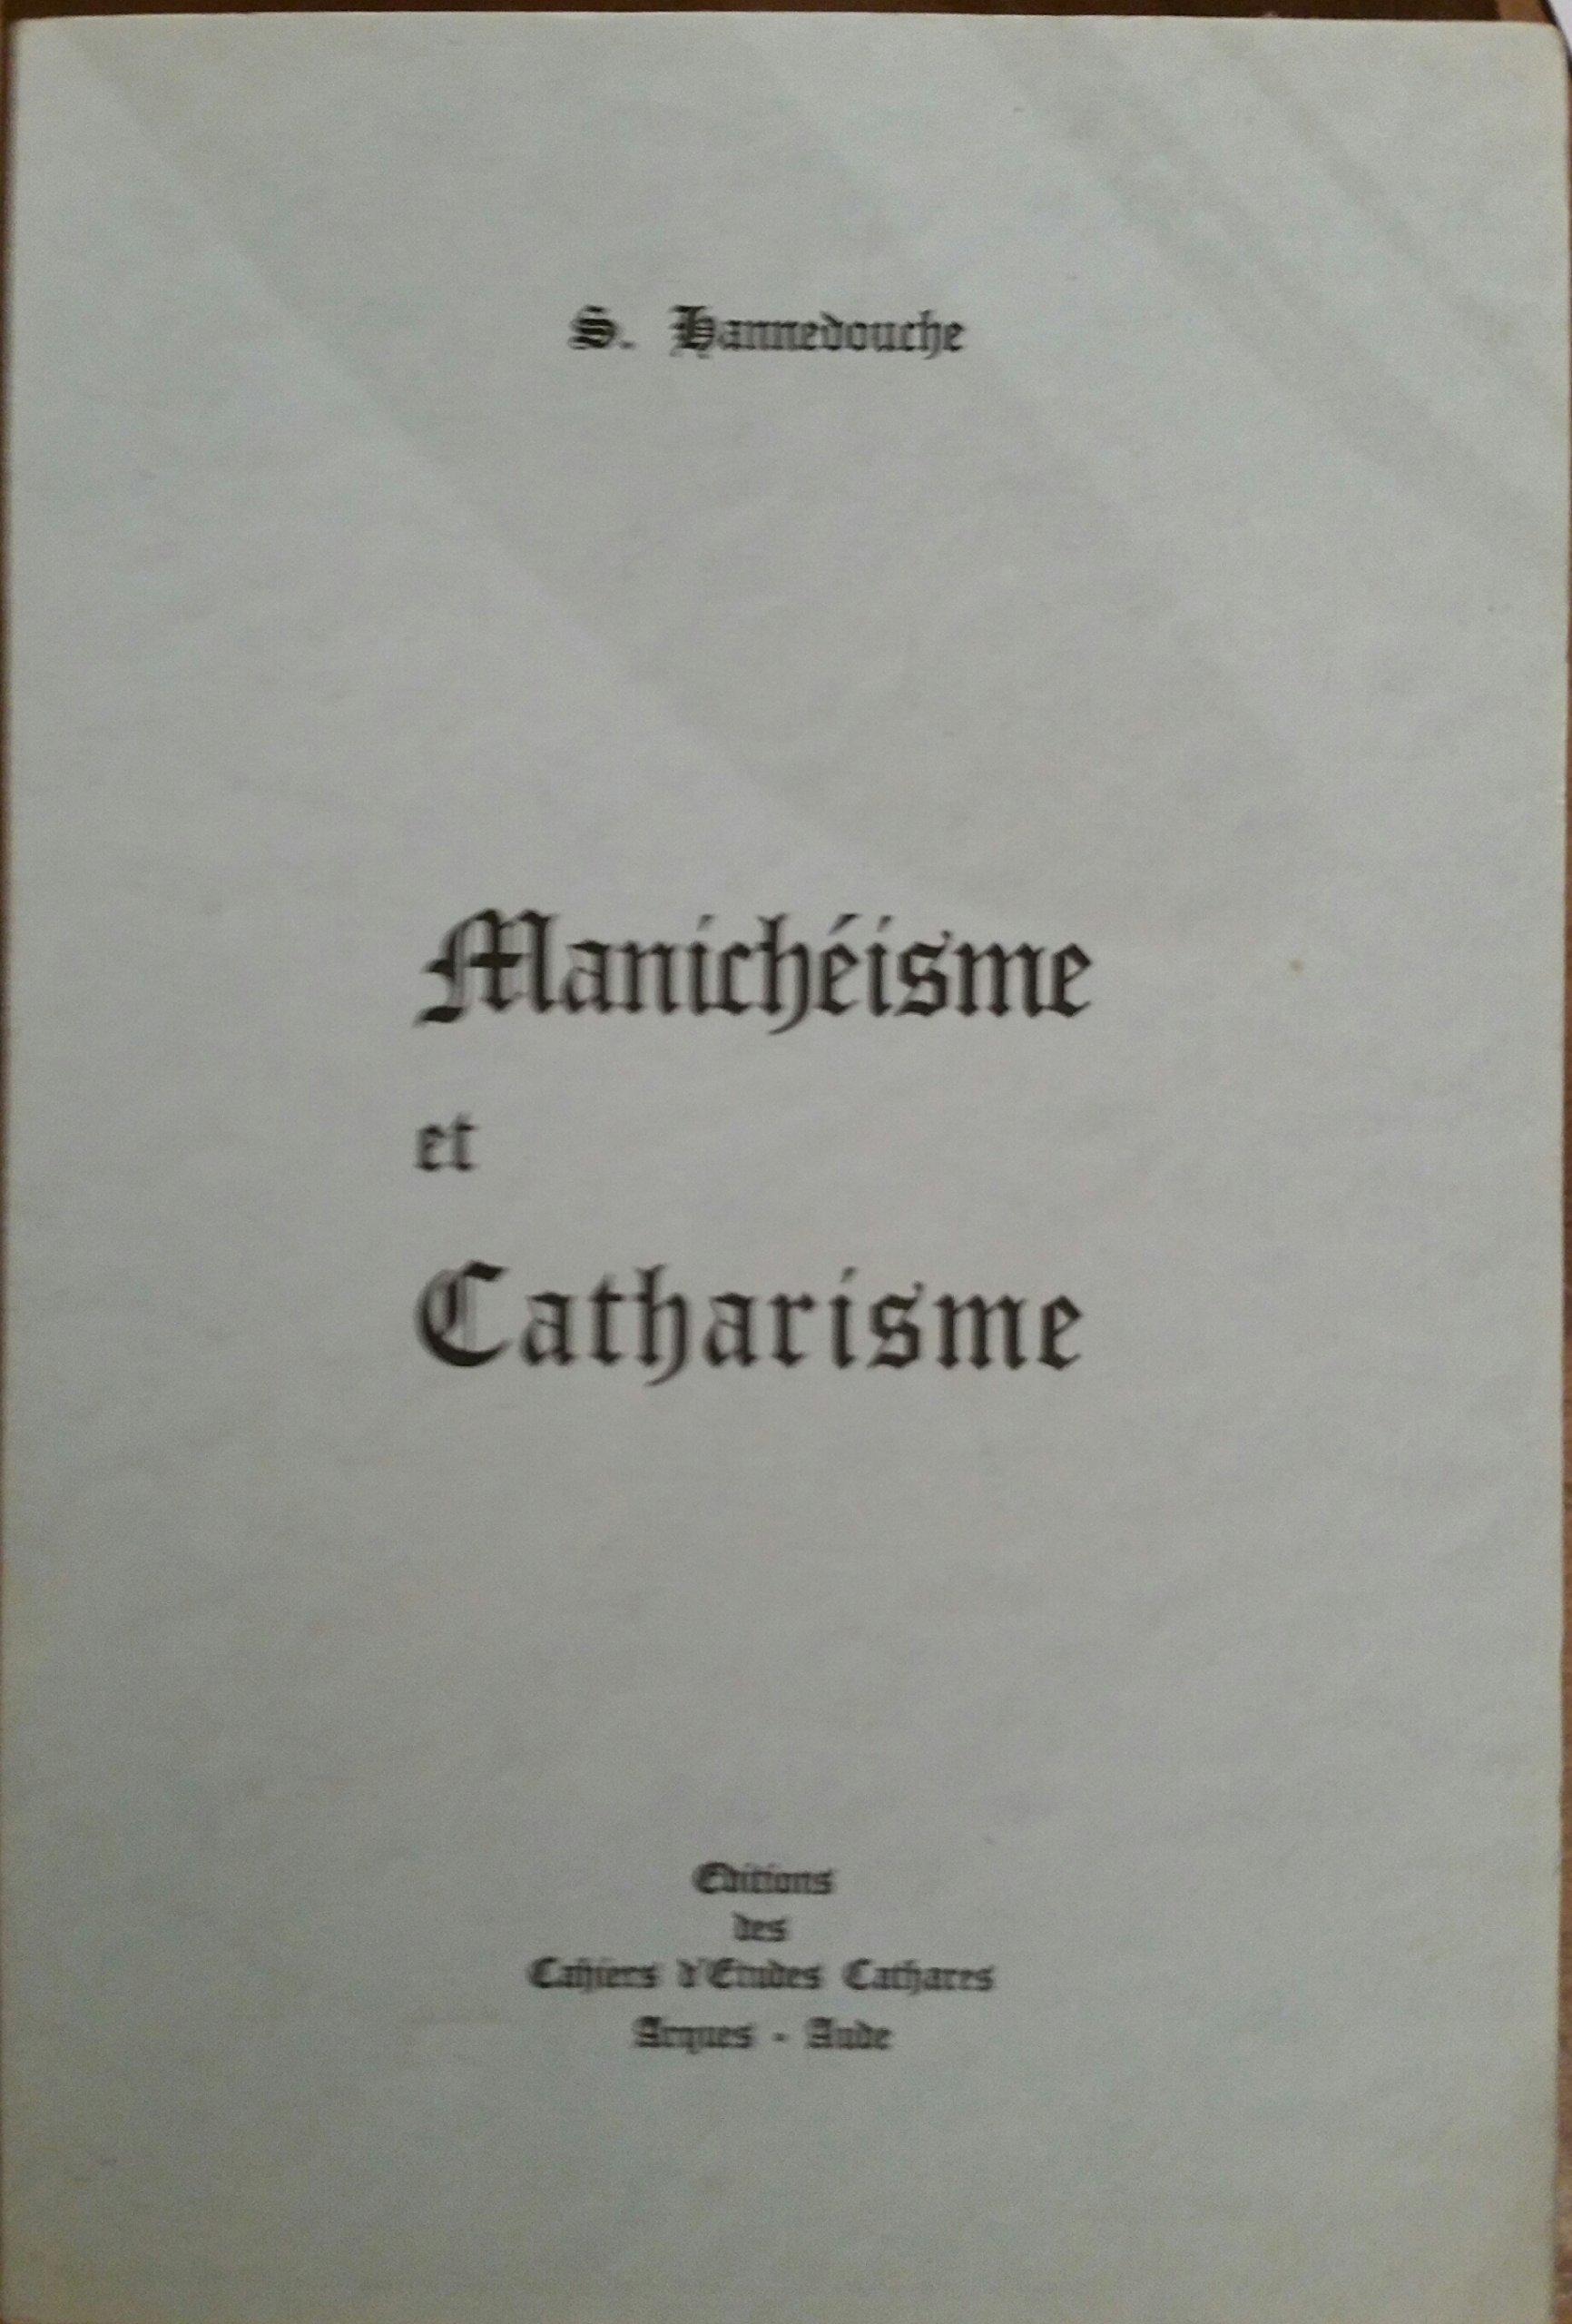 S. Hannedouche. Manichéisme et catharisme Reliure inconnue – 1967 Simone Hannedouche B0014VJDL6